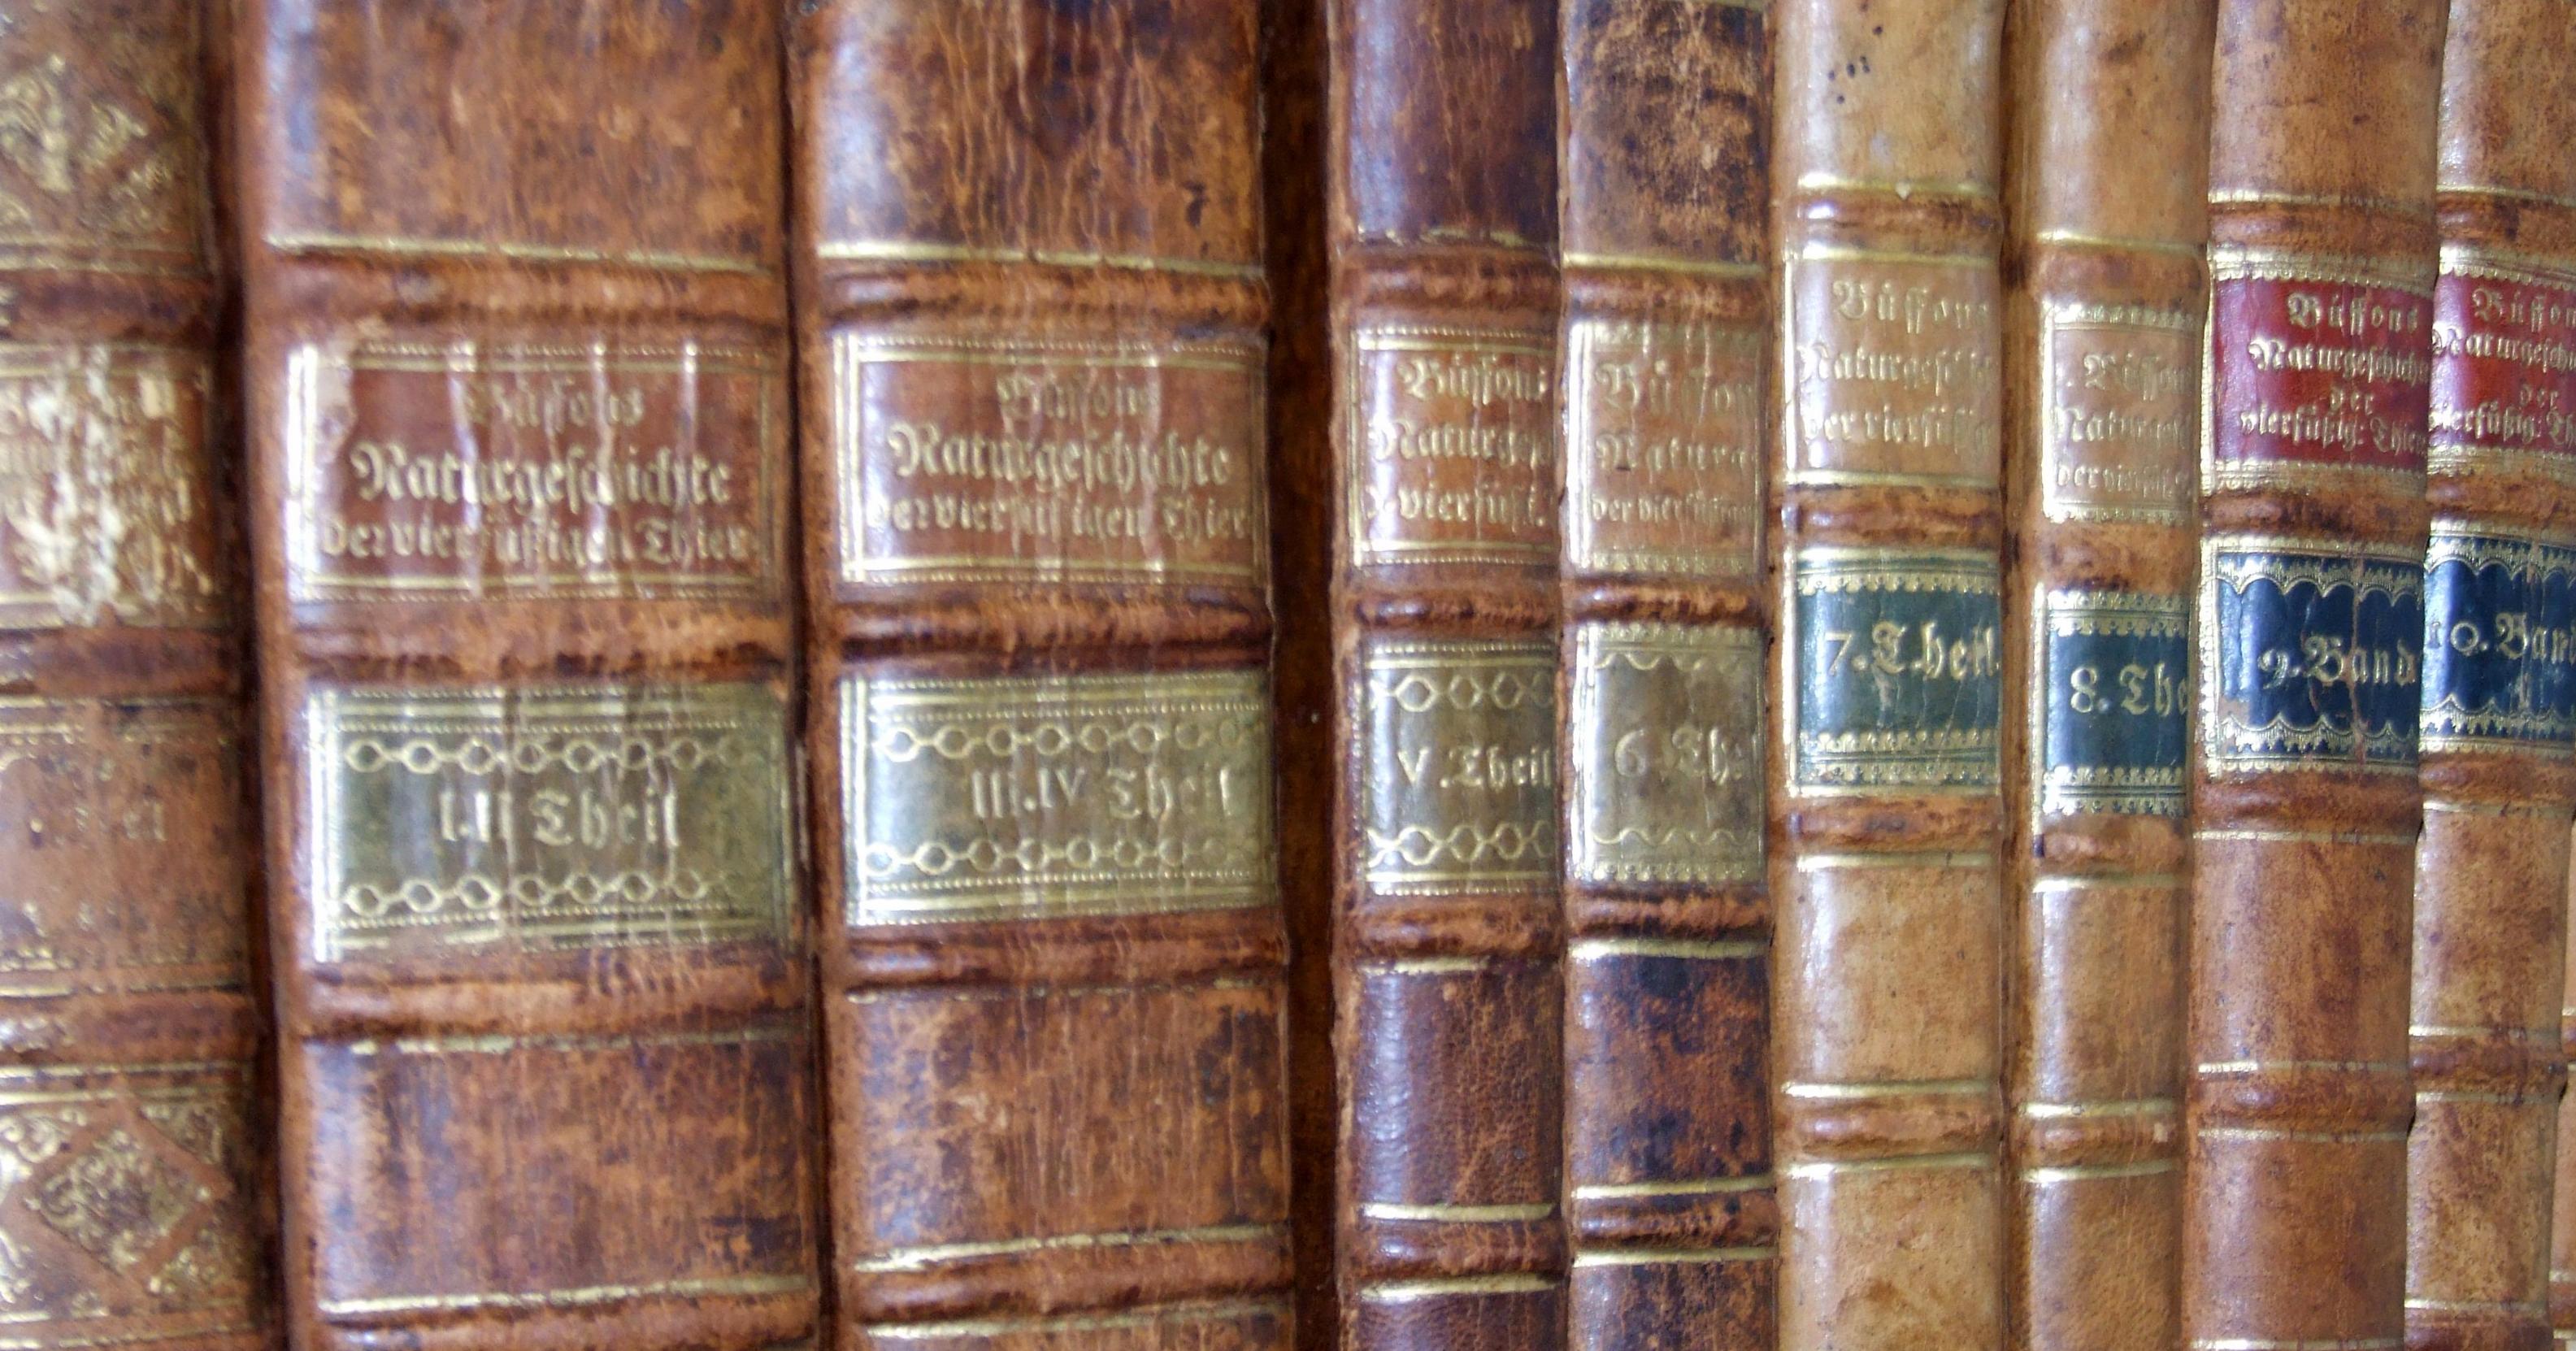 Lwl Bibliothekveröffentlichungen Lwl Museum Für Naturkunde